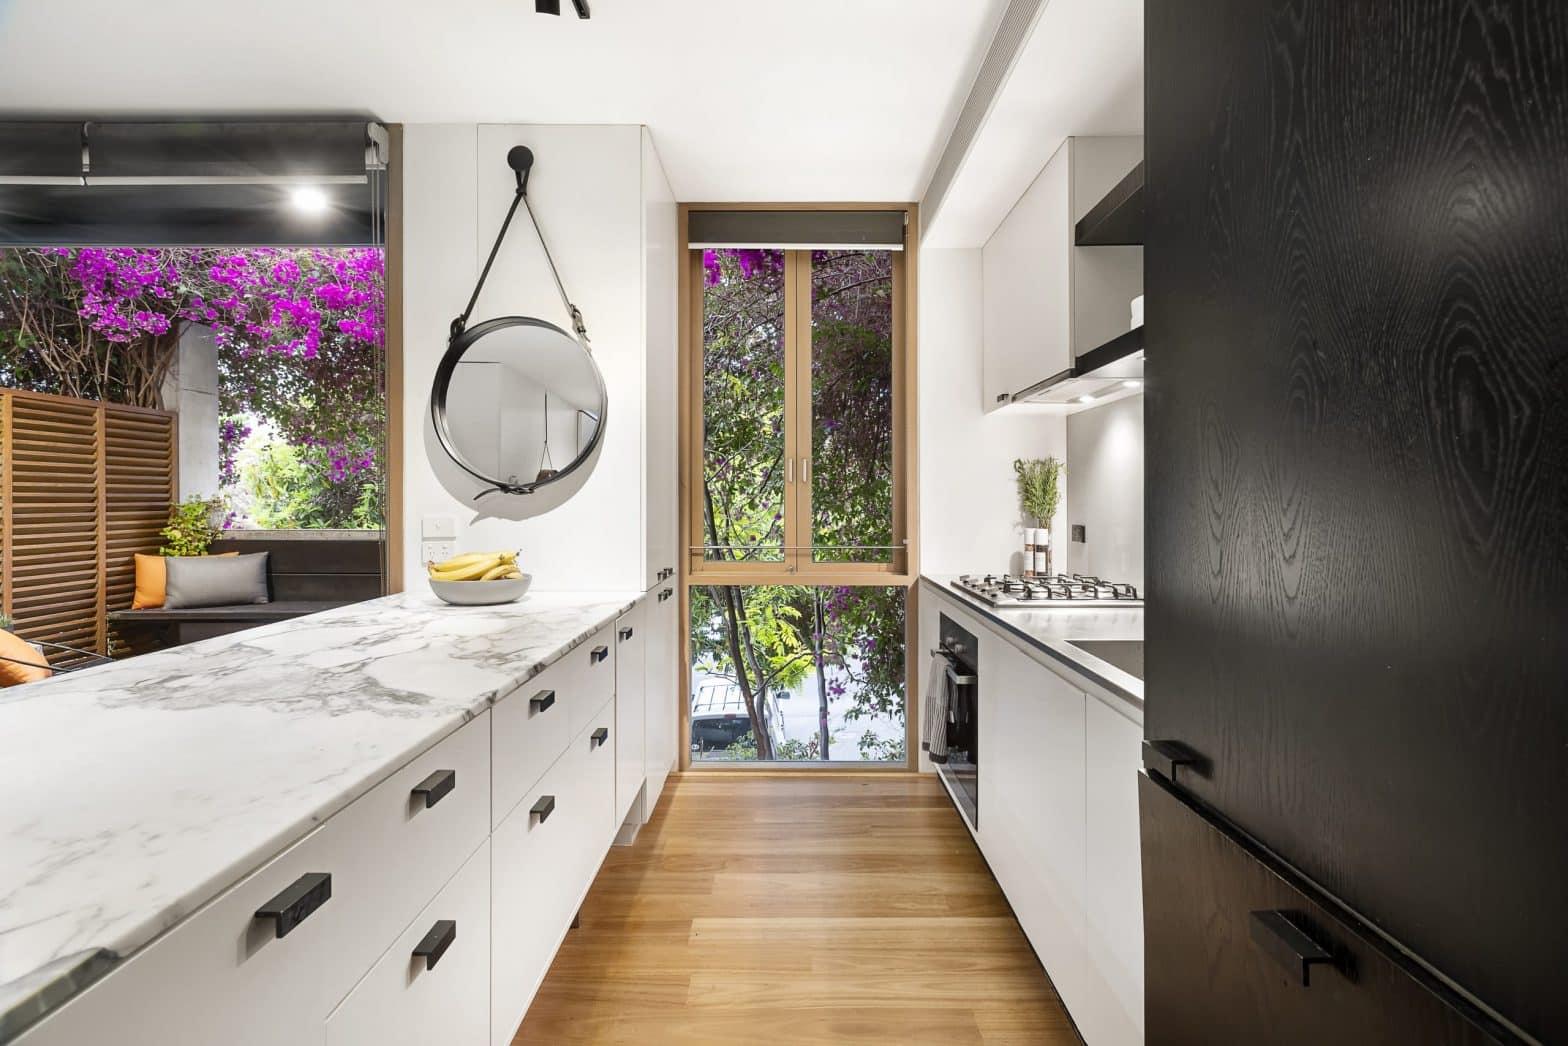 cuánto cuesta reformar una cocina de 14 metros cuadrados